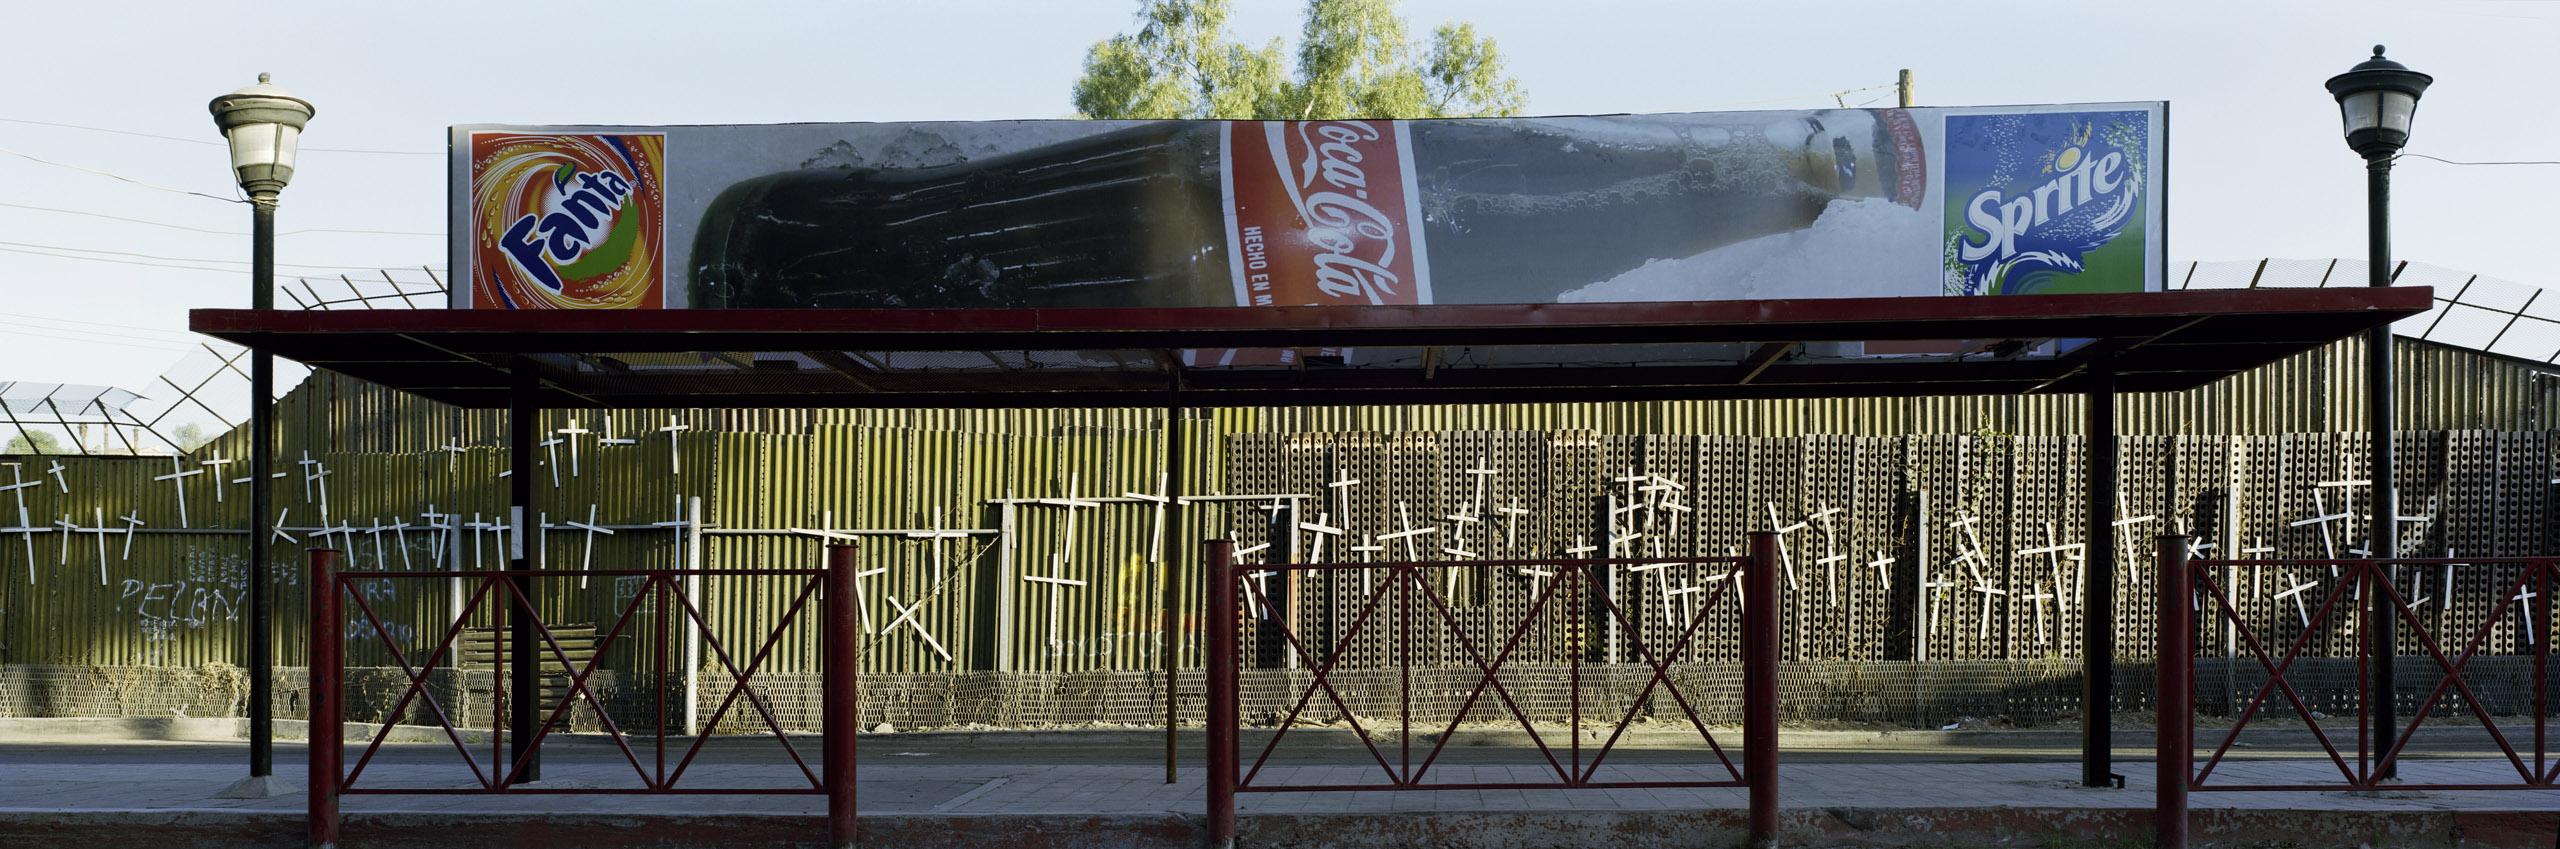 Nogales, Mexico, 2008.